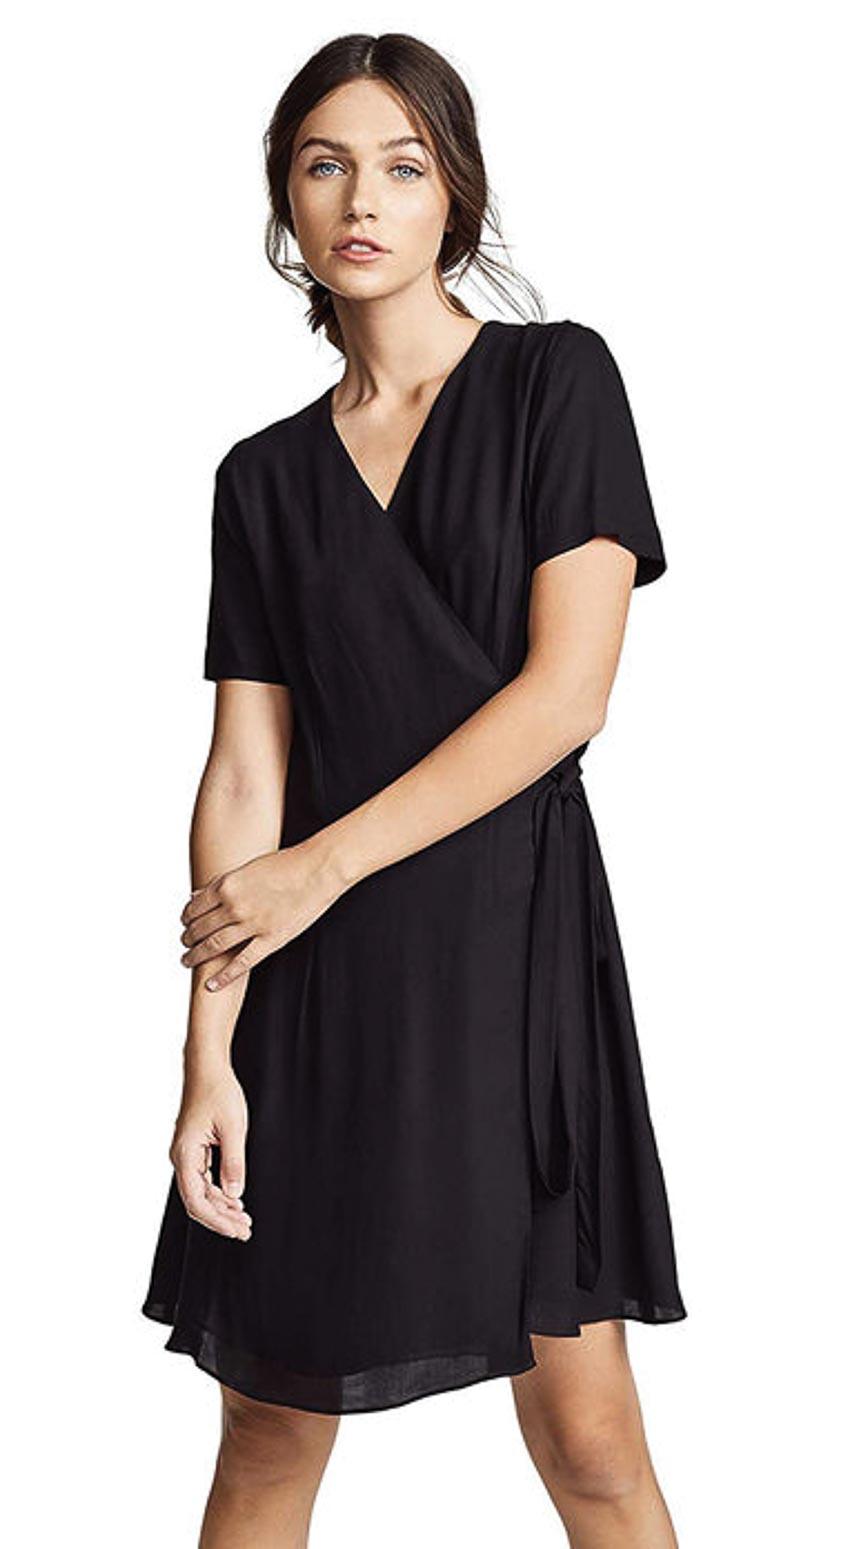 5 kiểu little black dress vượt thời gian mà bạn nên sở hữu 2